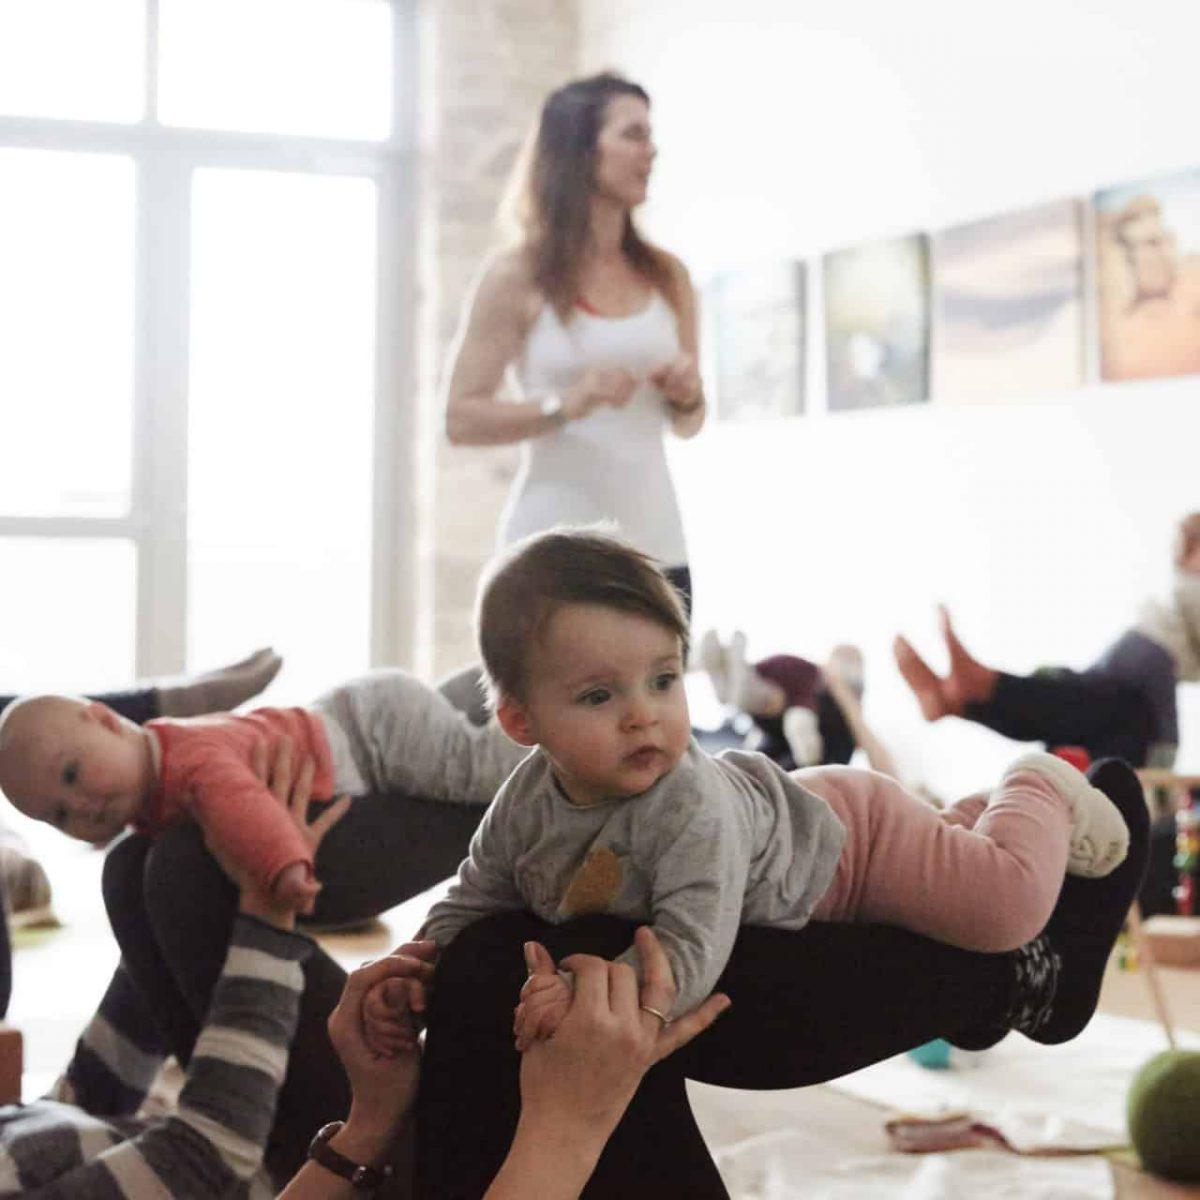 YogaManufaktur_Wuerzburg_Buergerbraeugelaende_Prenatal_Yoga_vor_der_Geburt_in_der_schwangerschaft11